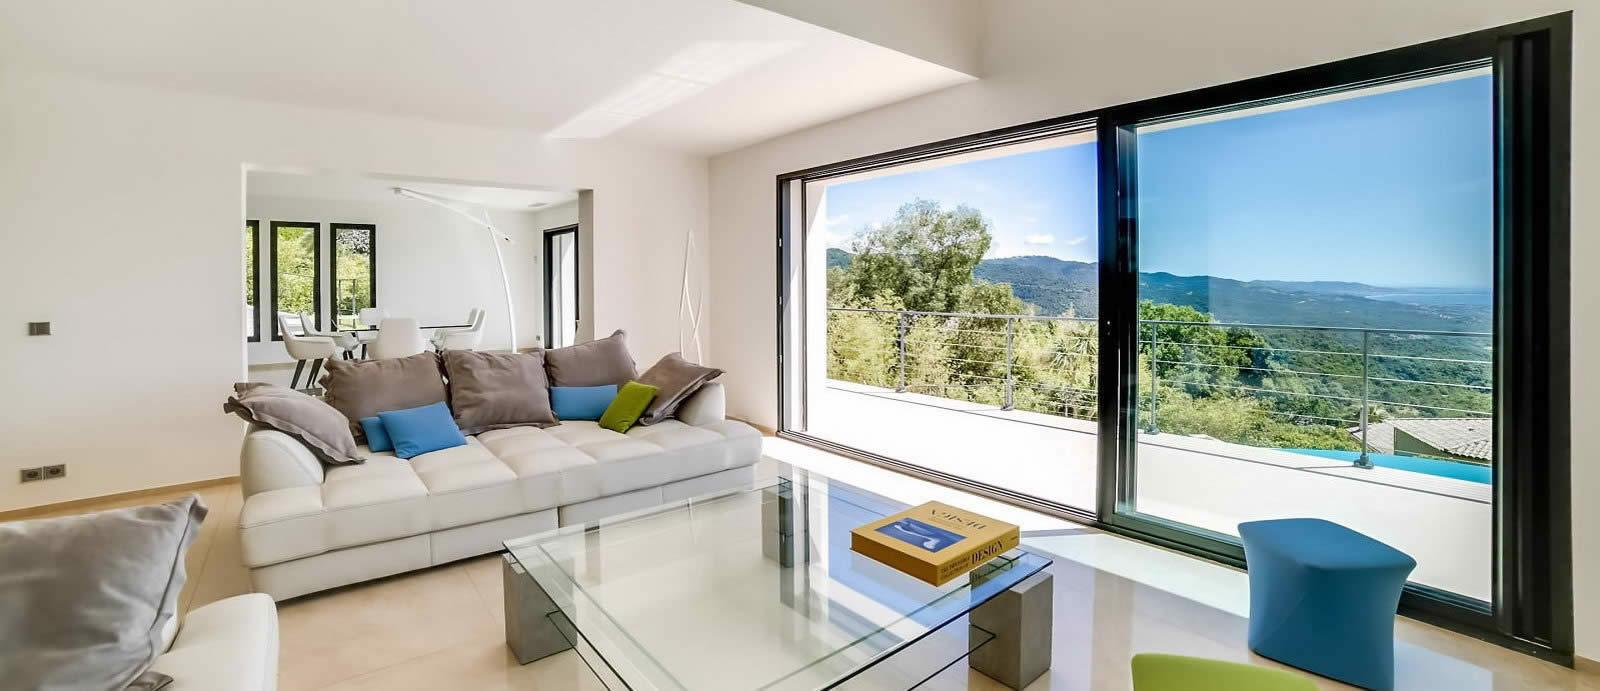 tout savoir sur l offre d achat d un bien immobilier. Black Bedroom Furniture Sets. Home Design Ideas